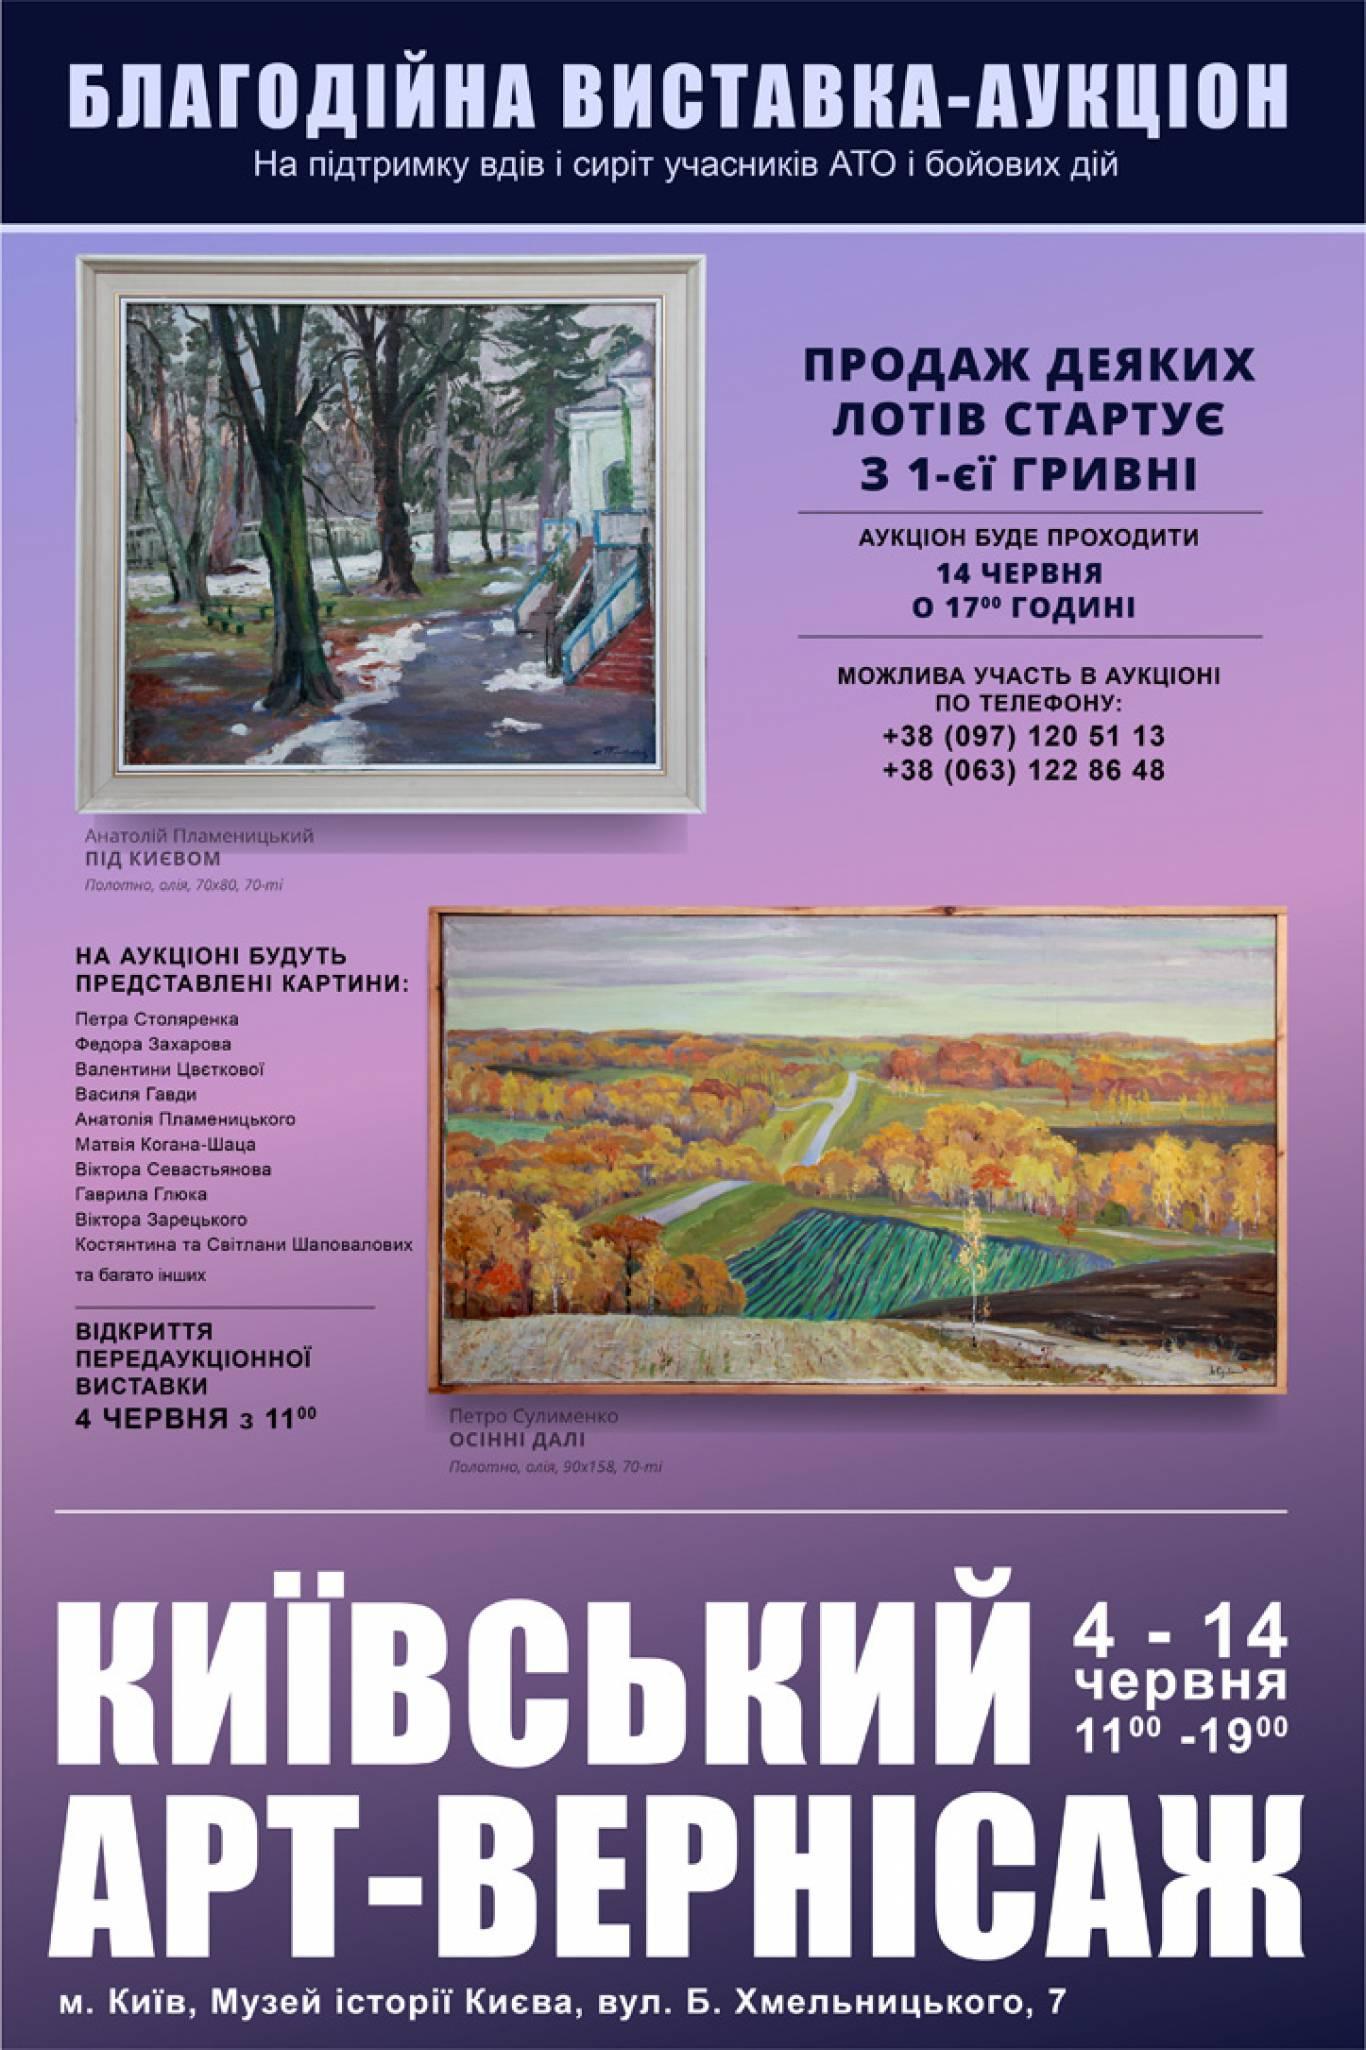 Благодійний аукціон колекційного живопису